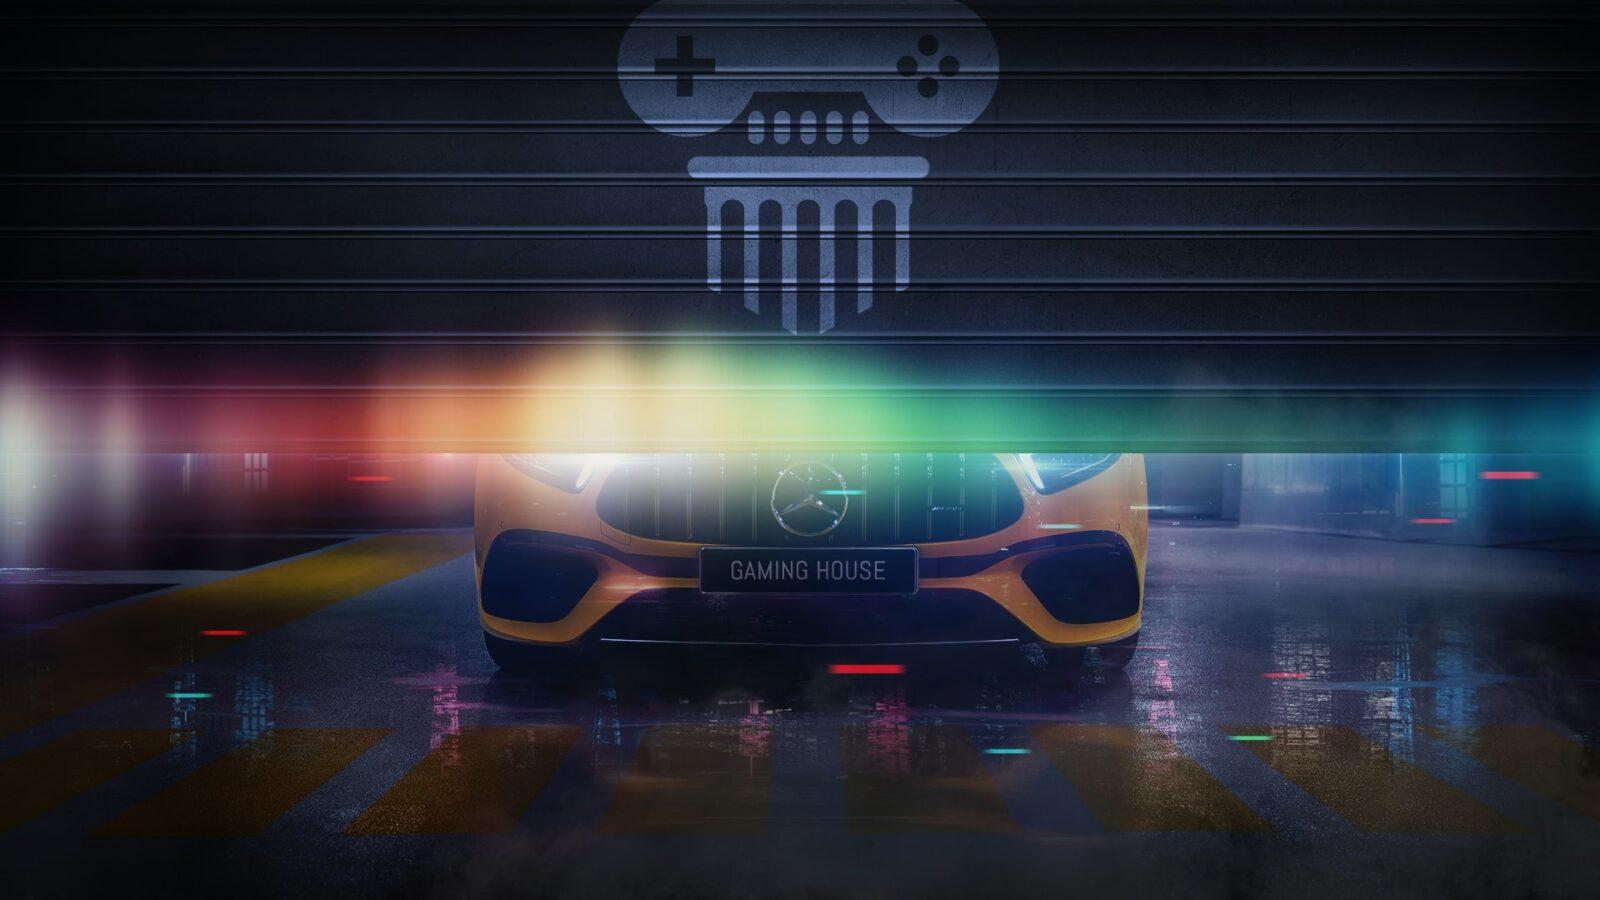 Mercedes-Benz Italia diventa Official Title Sponsor della Gaming House di Mkers thumbnail